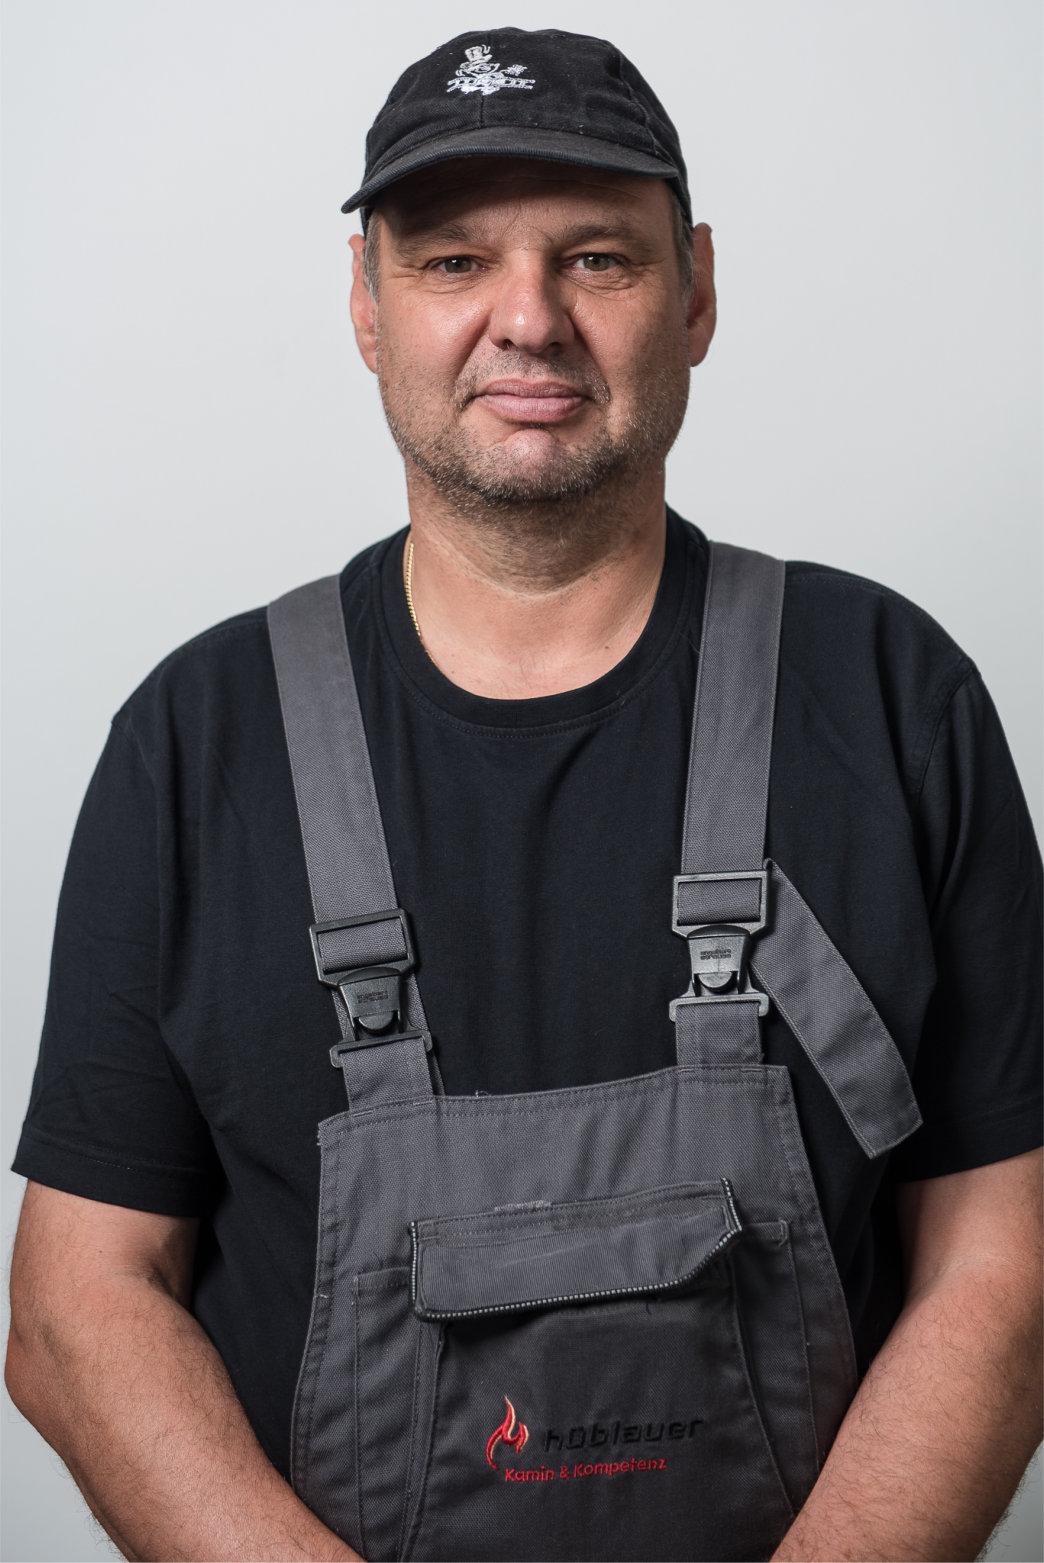 Hüblauer Tulln_Kovarik Martin